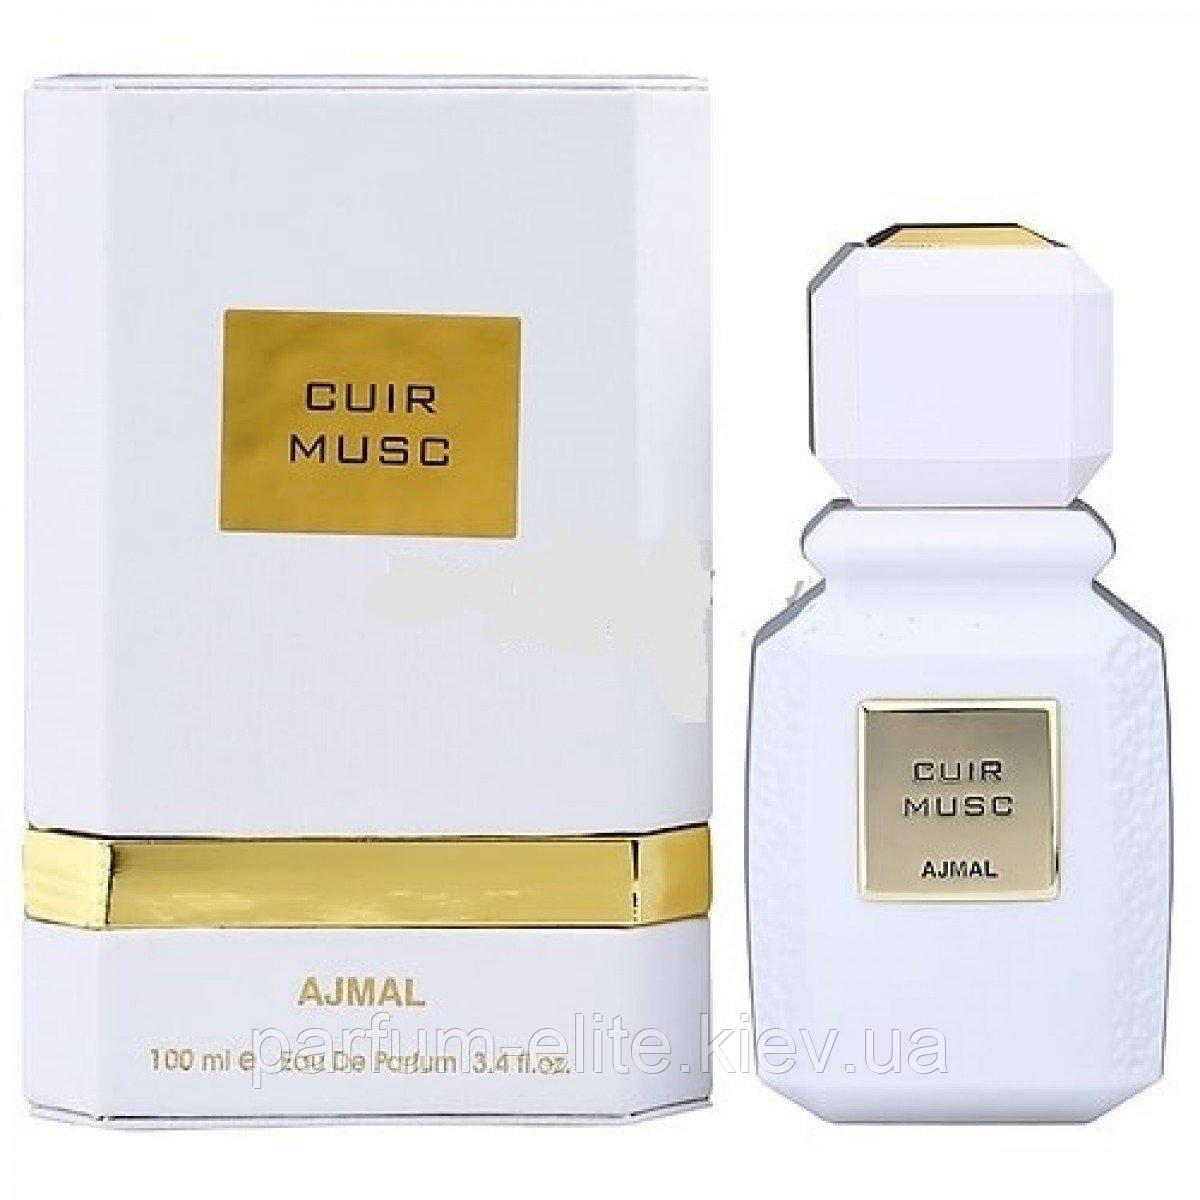 Східна парфумерія для чоловіків Ajmal Cuir Musc 100ml